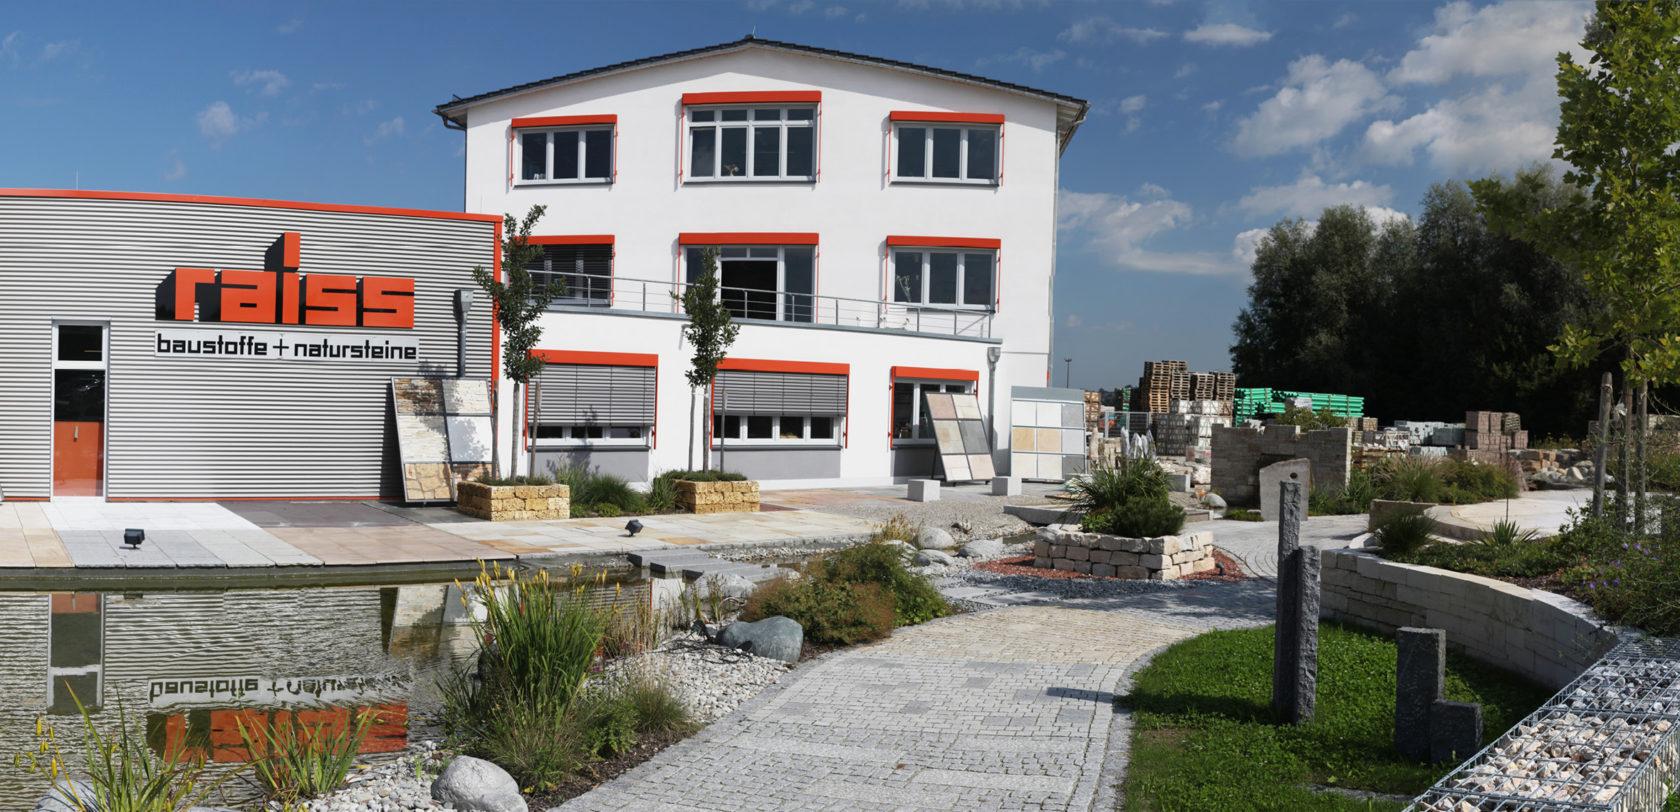 Raiss-Panorama_kurz